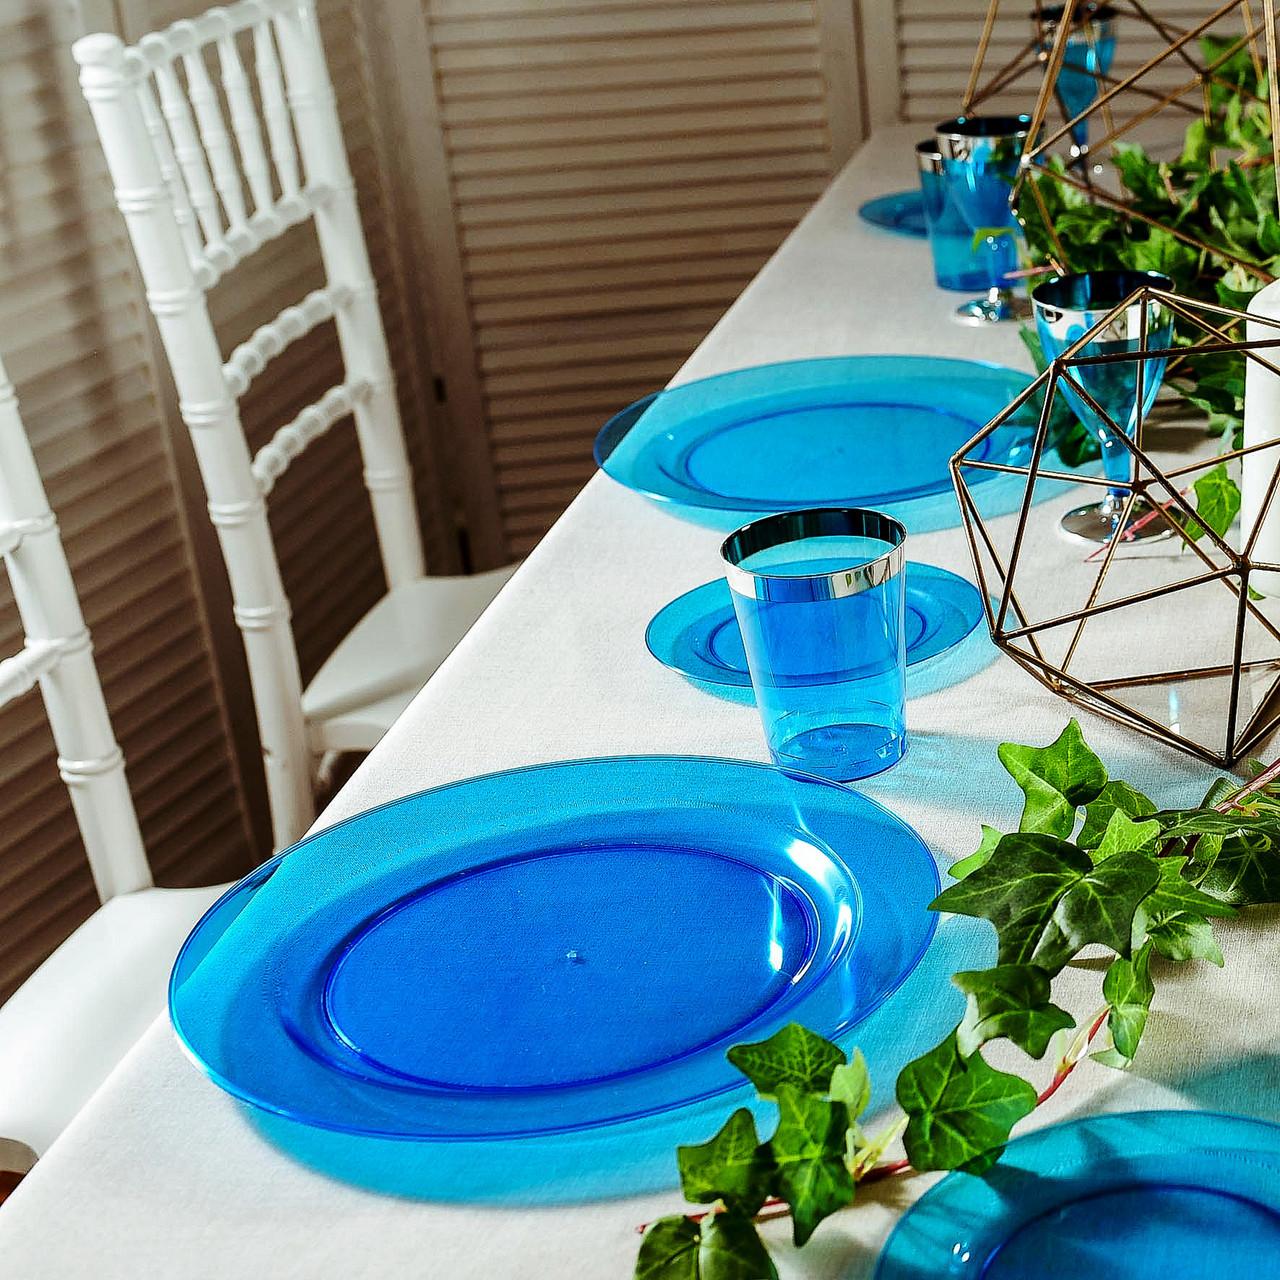 Пластиковая посуда тарелка 6 шт 260 плотная синяя оптом от производителя для ресторанов, horeca CFP